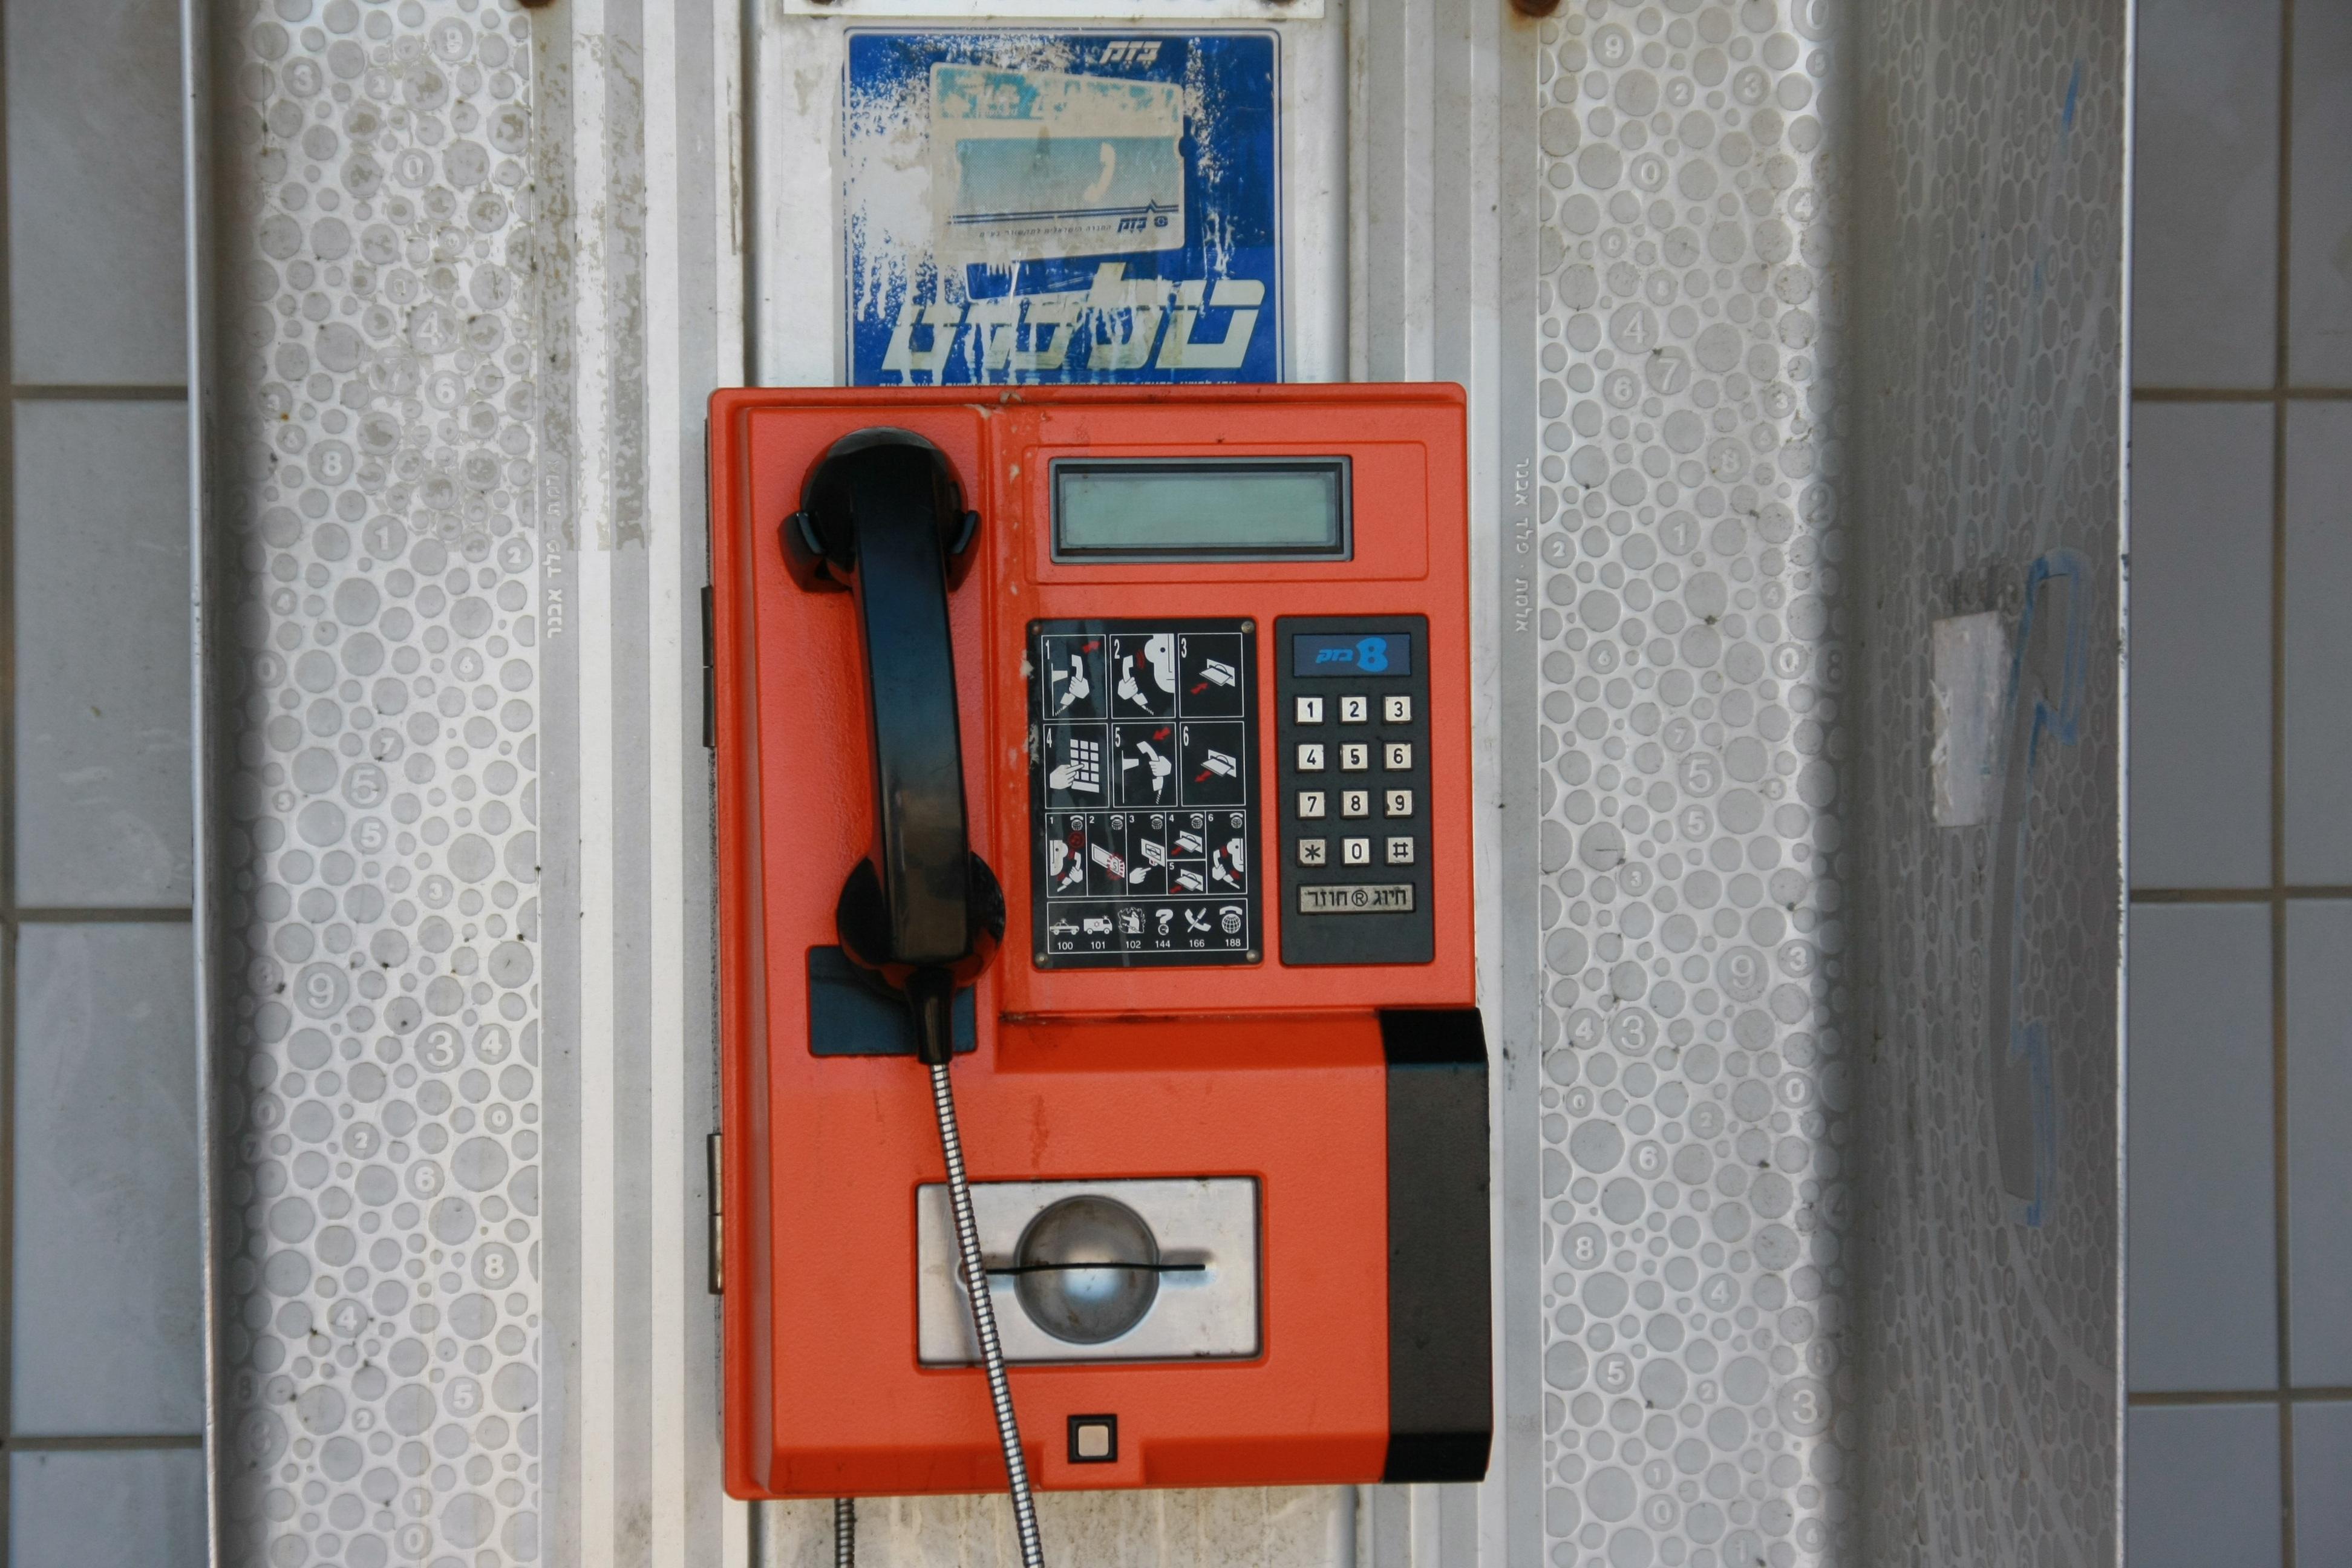 уличный телефон картинки различные варианты